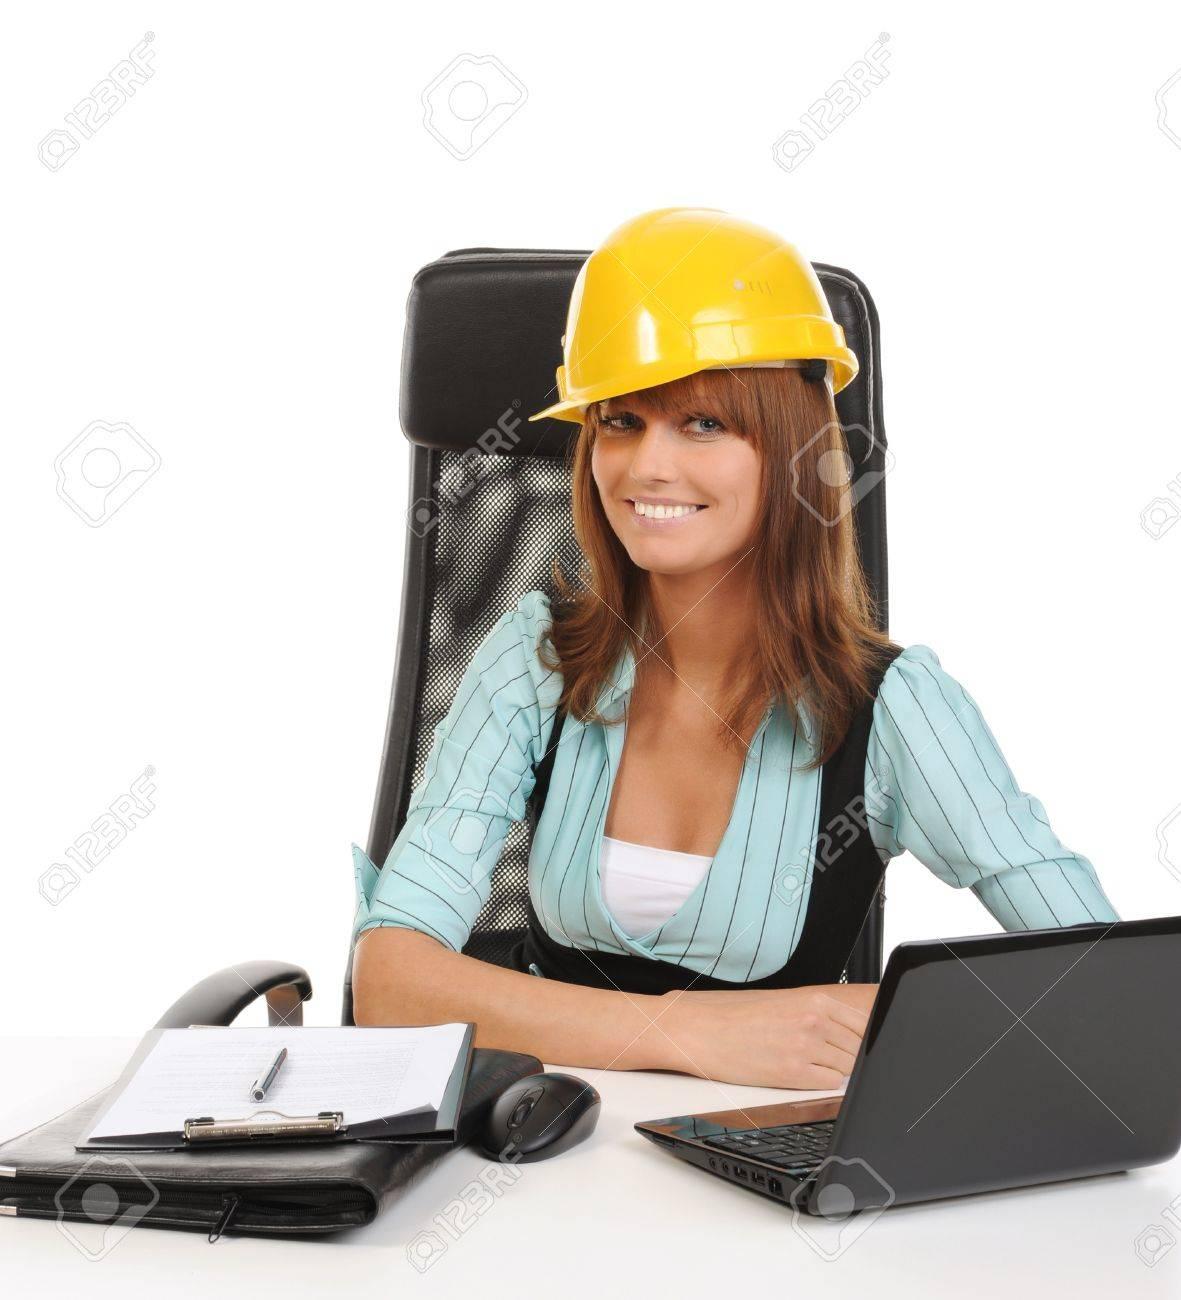 Joyful businesswoman Stock Photo - 8954704